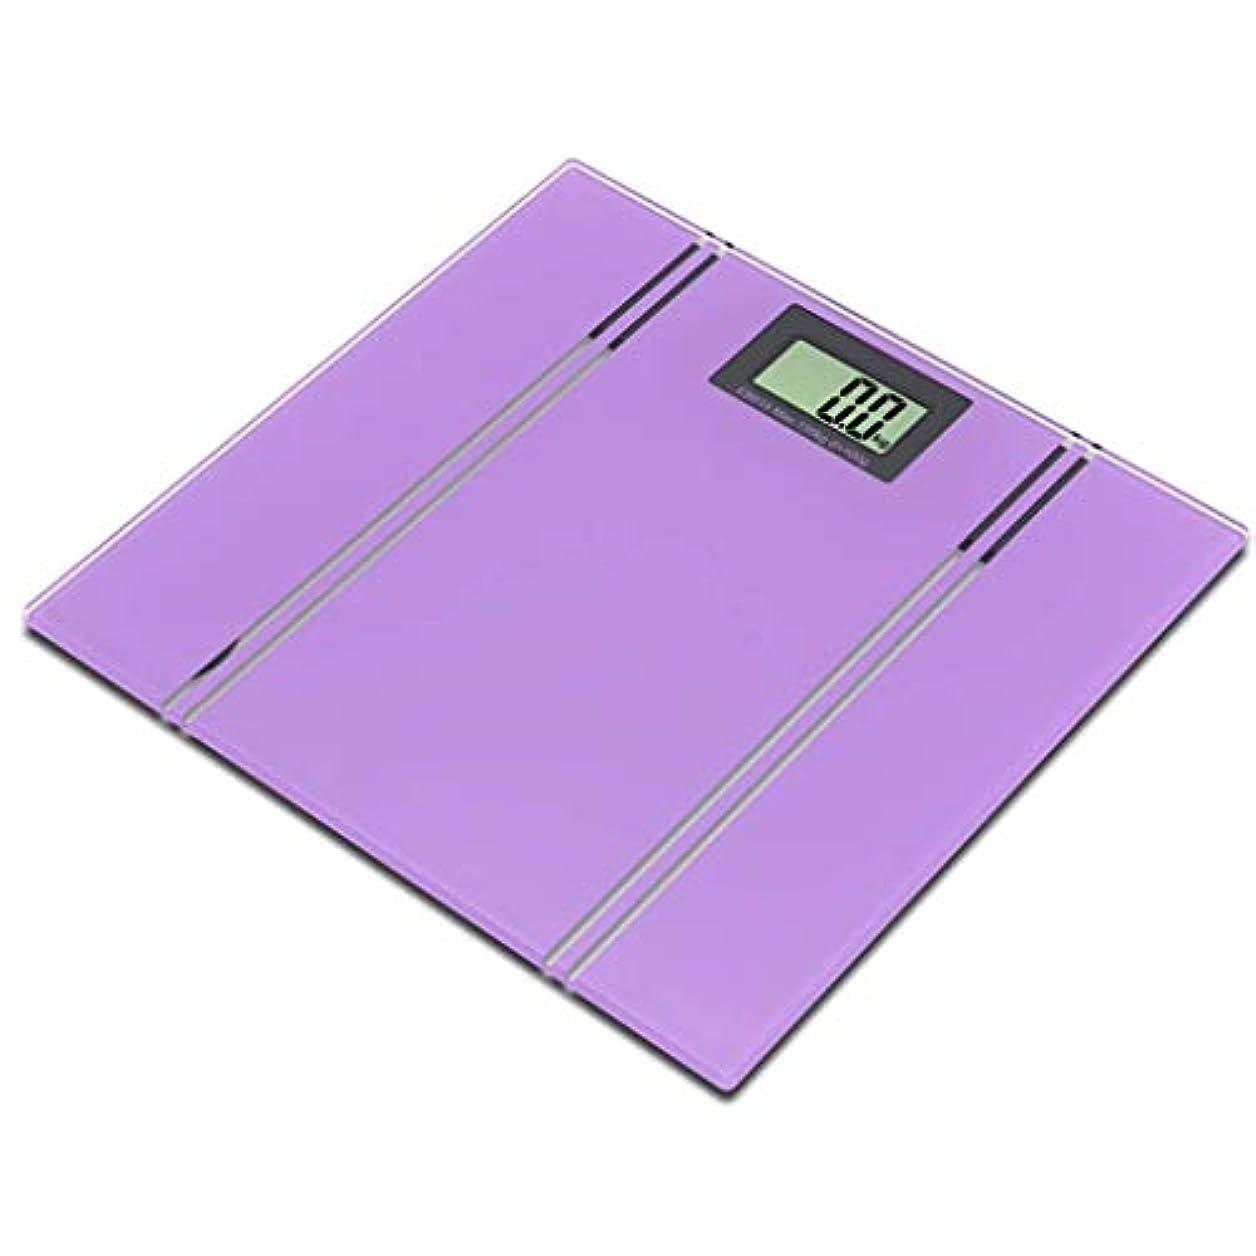 作成者雑草暫定CONCEN 電子スケール人体スケールスケールホーム正確な人体健康減量スケールホーム人間のスケール (Color : Purple)